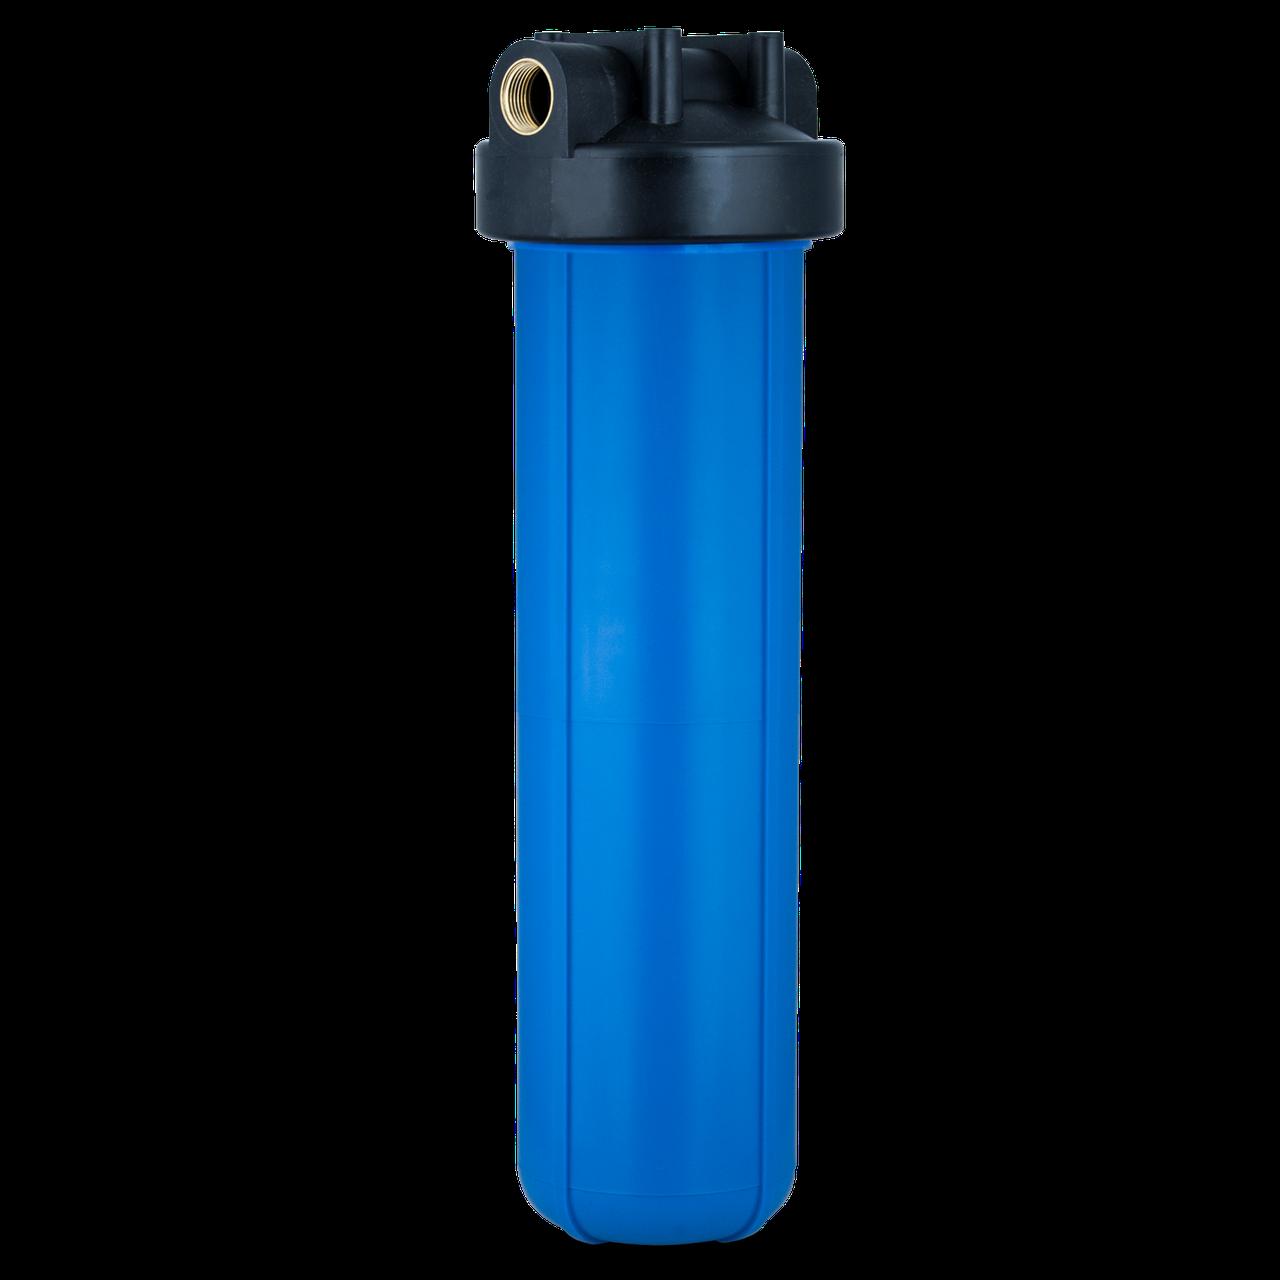 СВОД Корпус магистрального фильтра ВВ20 для холодной воды